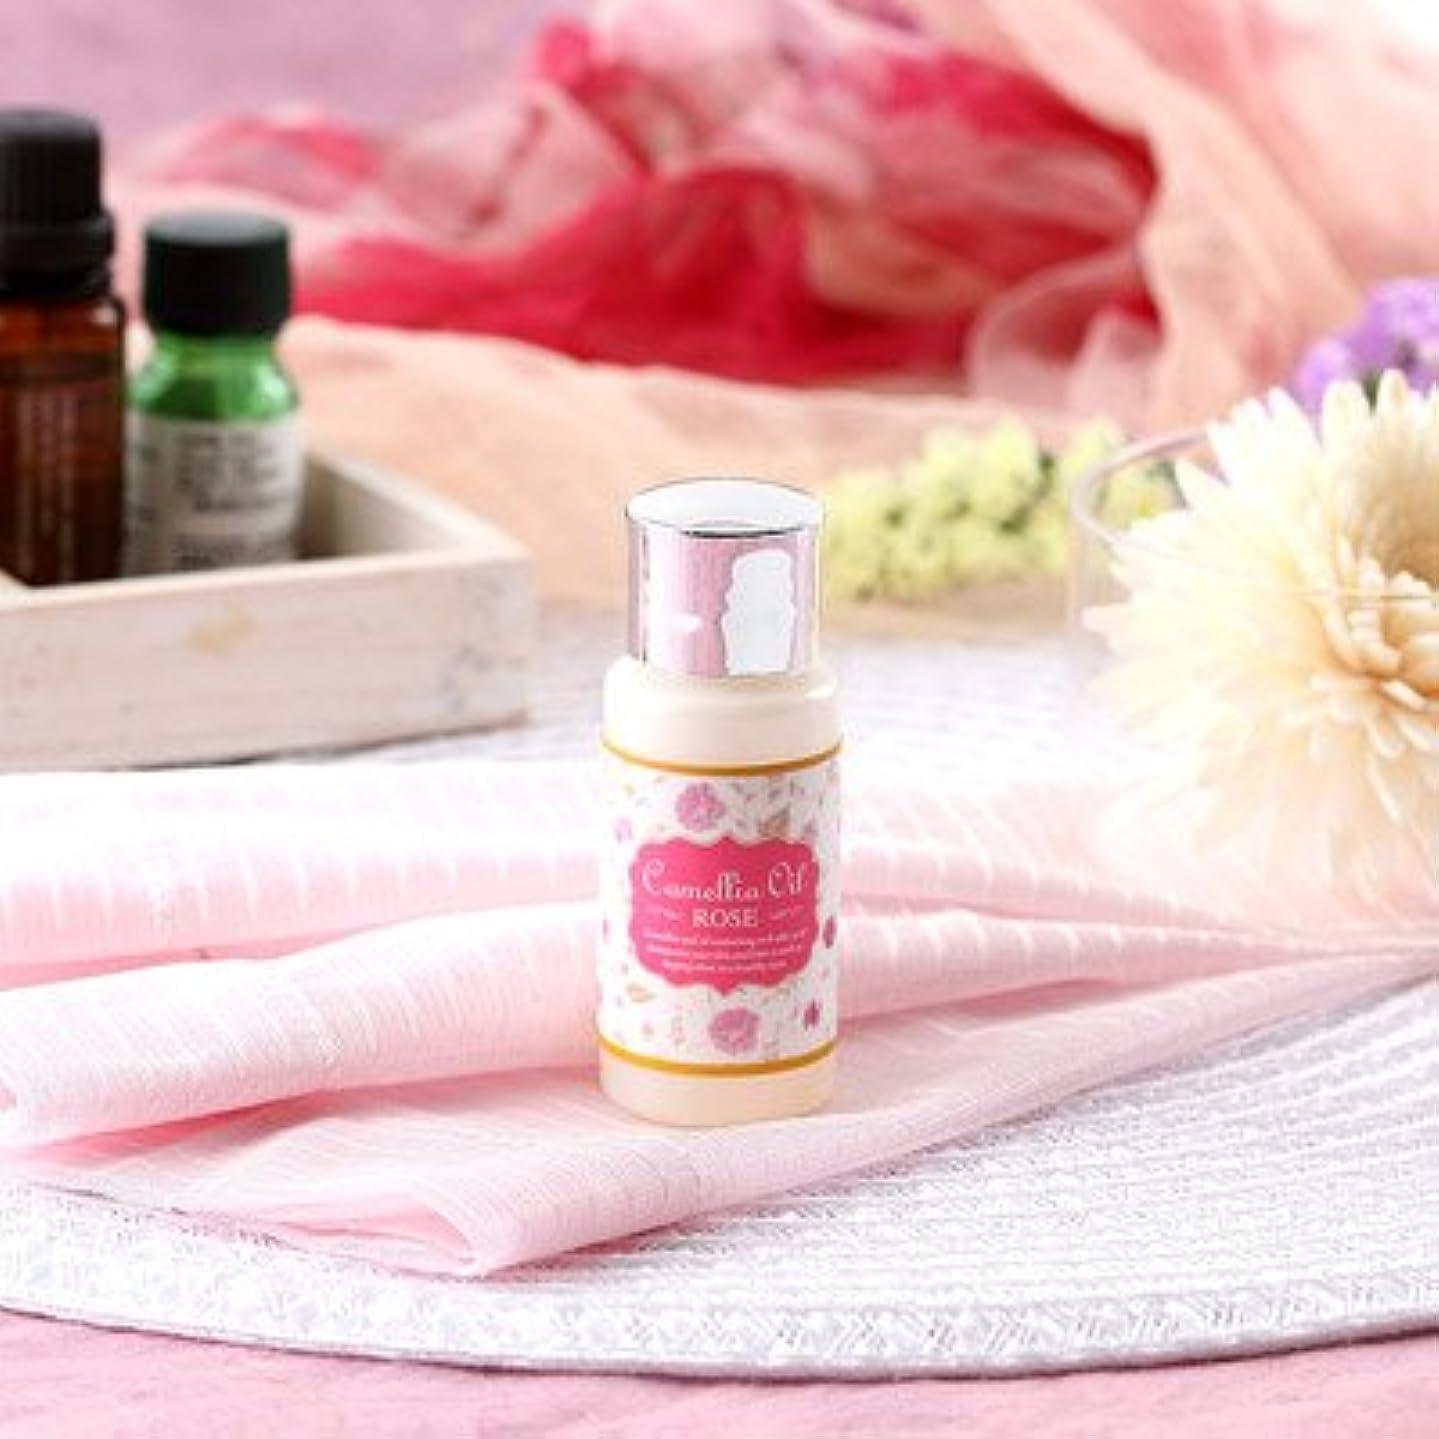 食器棚広々フェロー諸島椿オイルにダマスクローズの香りを 合わせた カメリアオイル ローズ